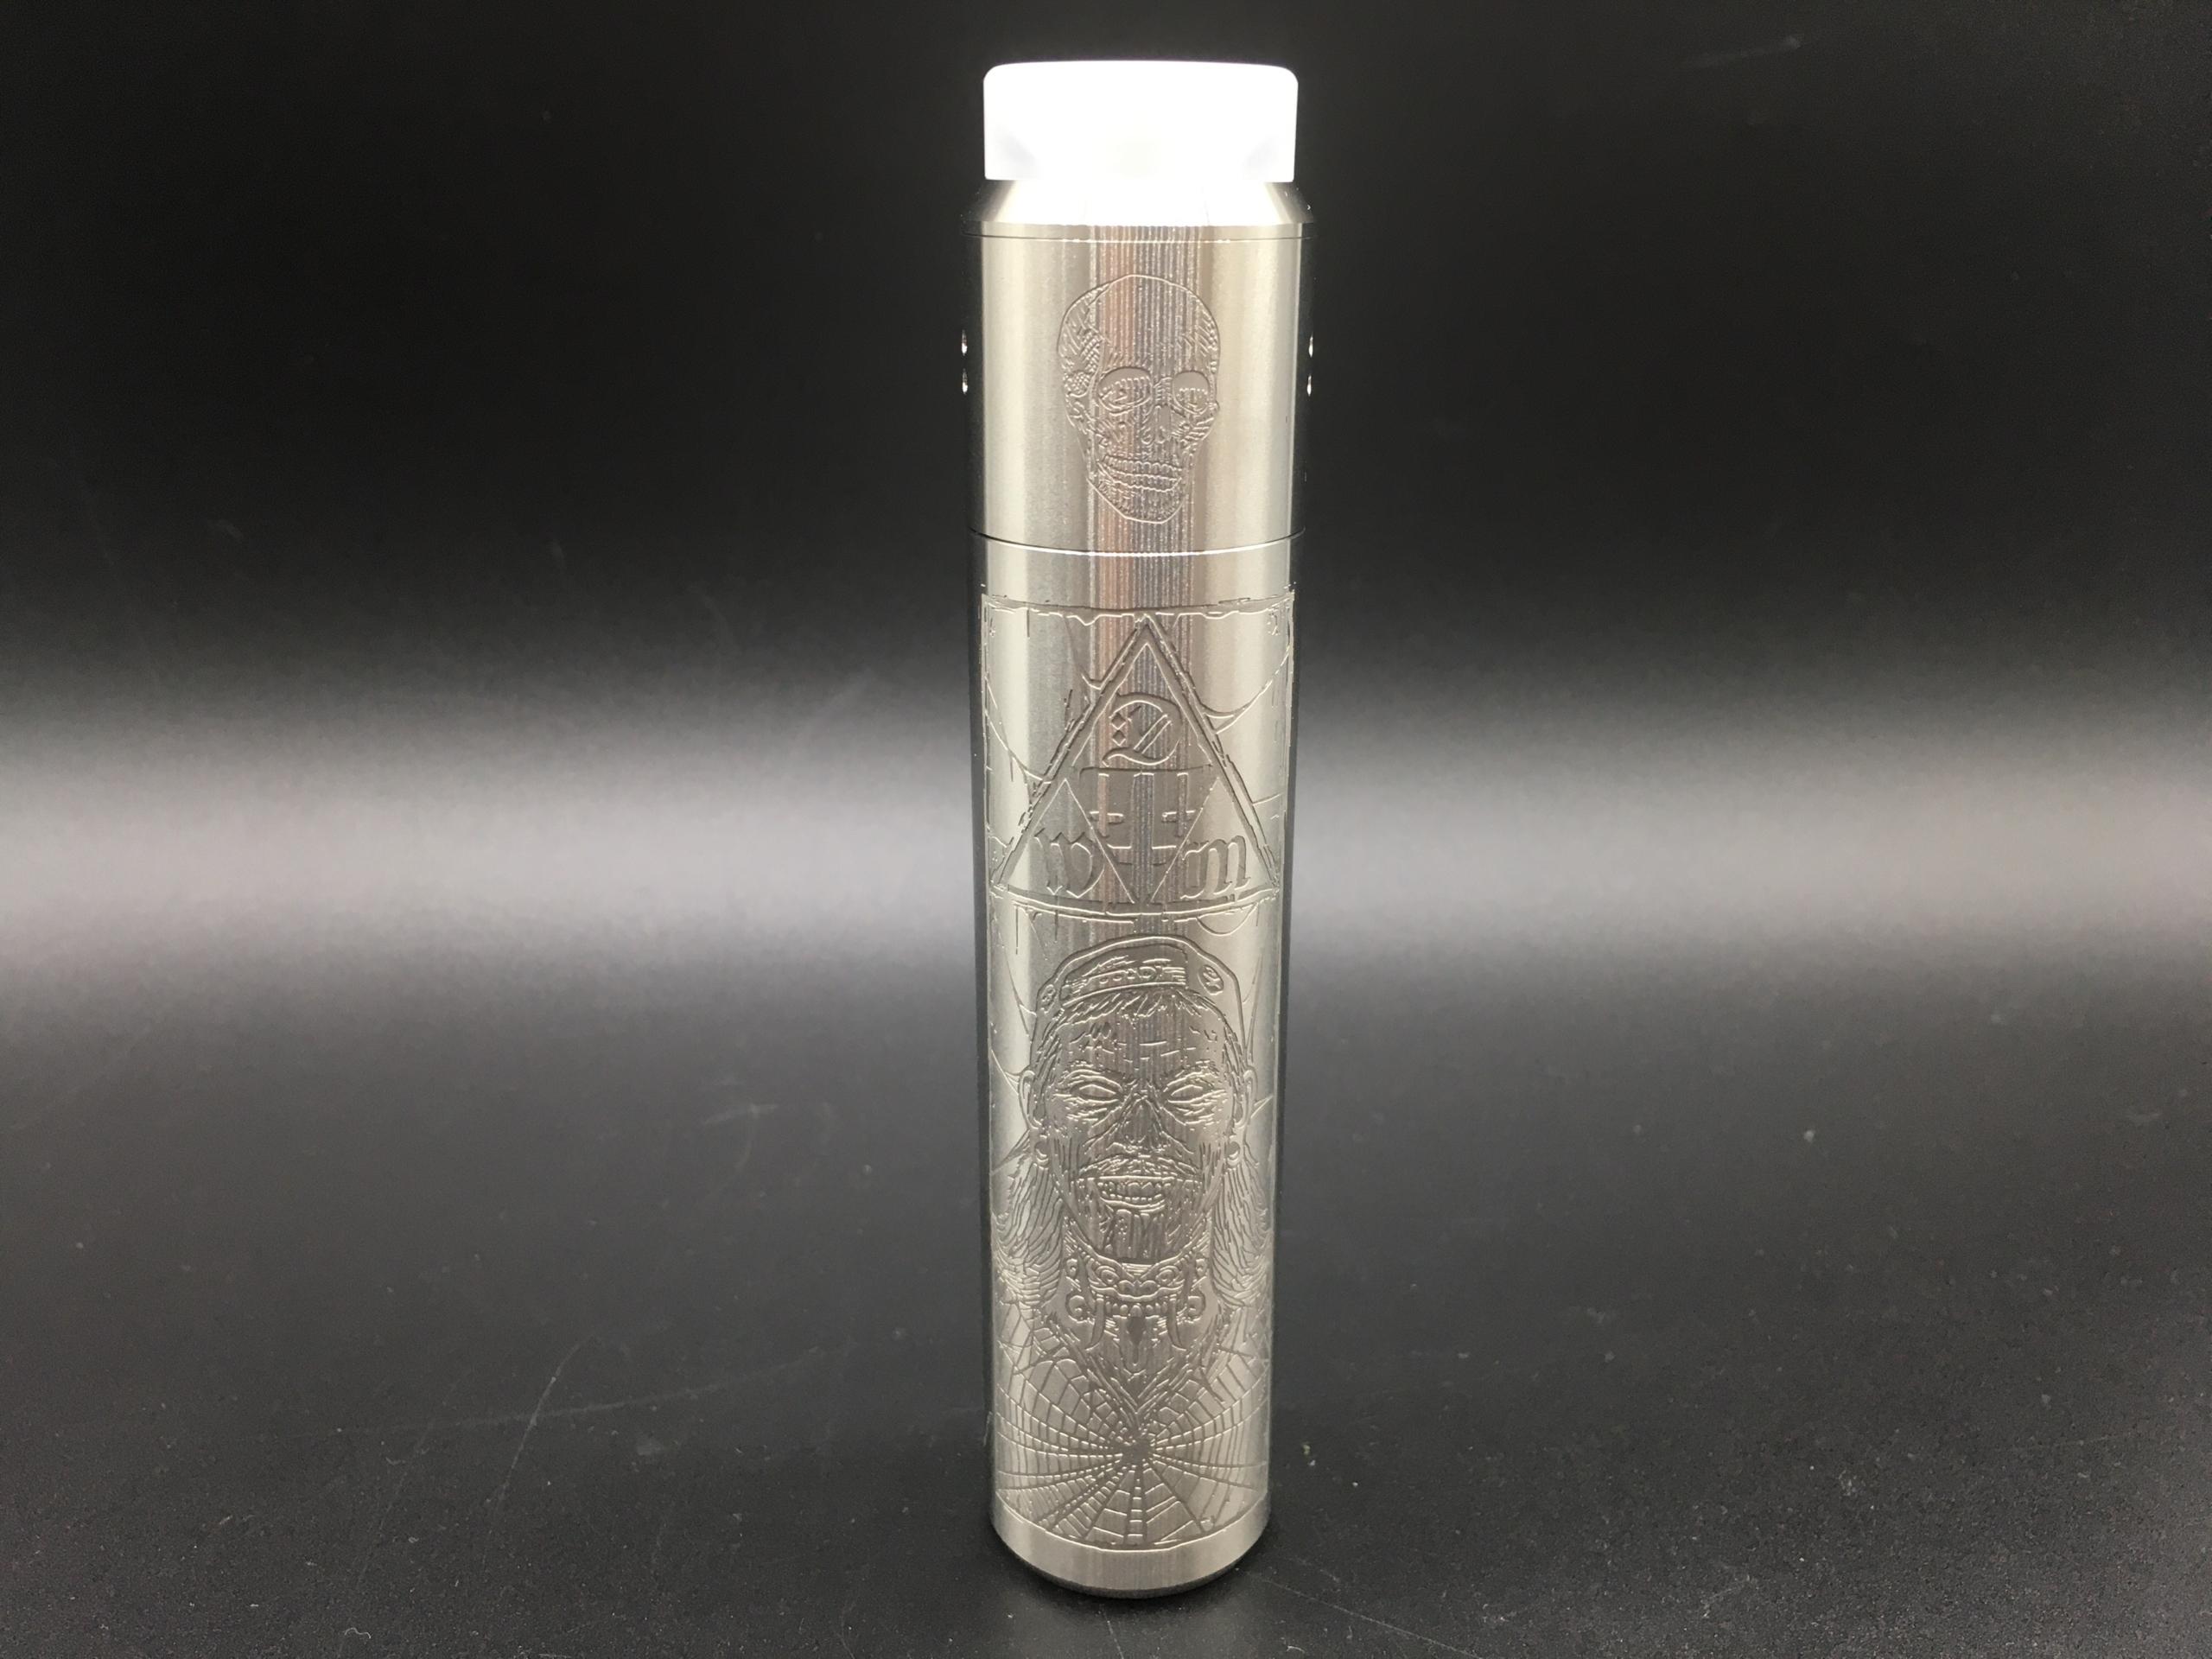 V4 Bogan Edition Kit stainless